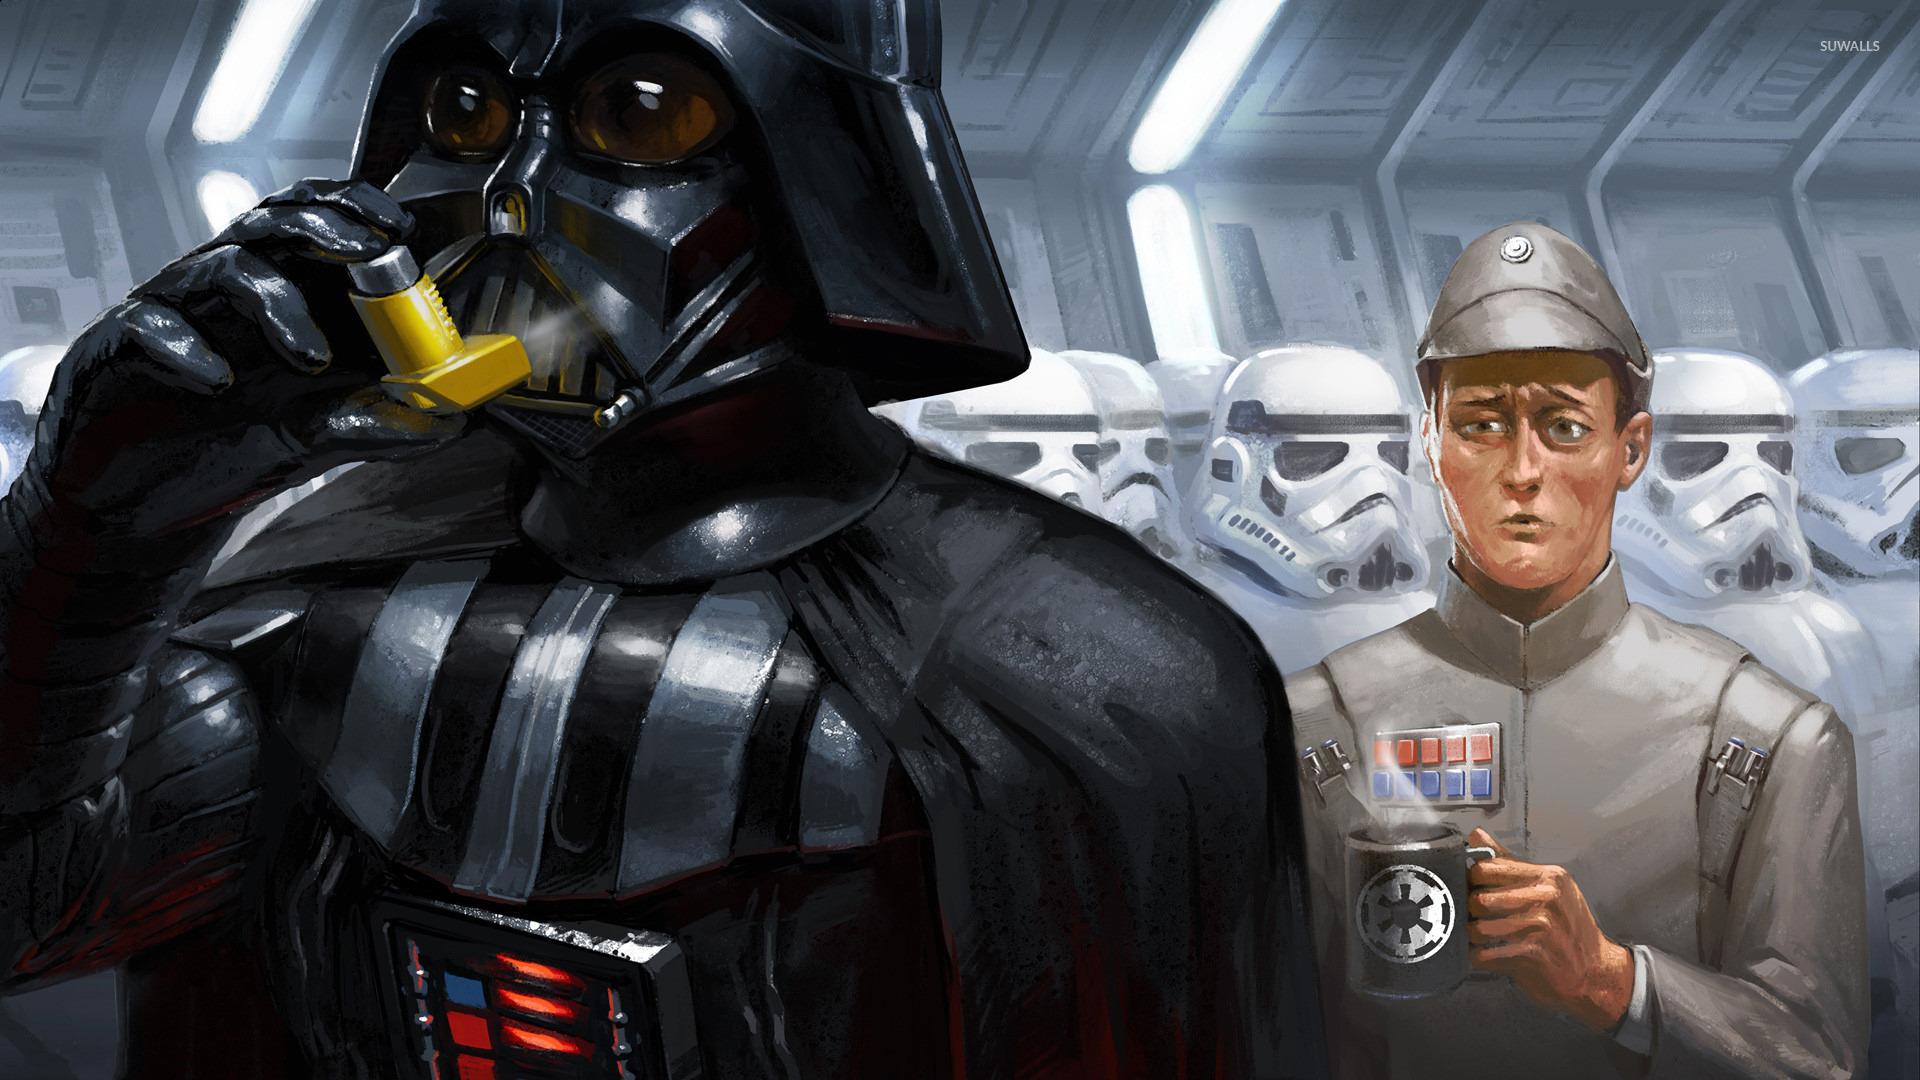 Darth Vader Inhaler Wallpaper